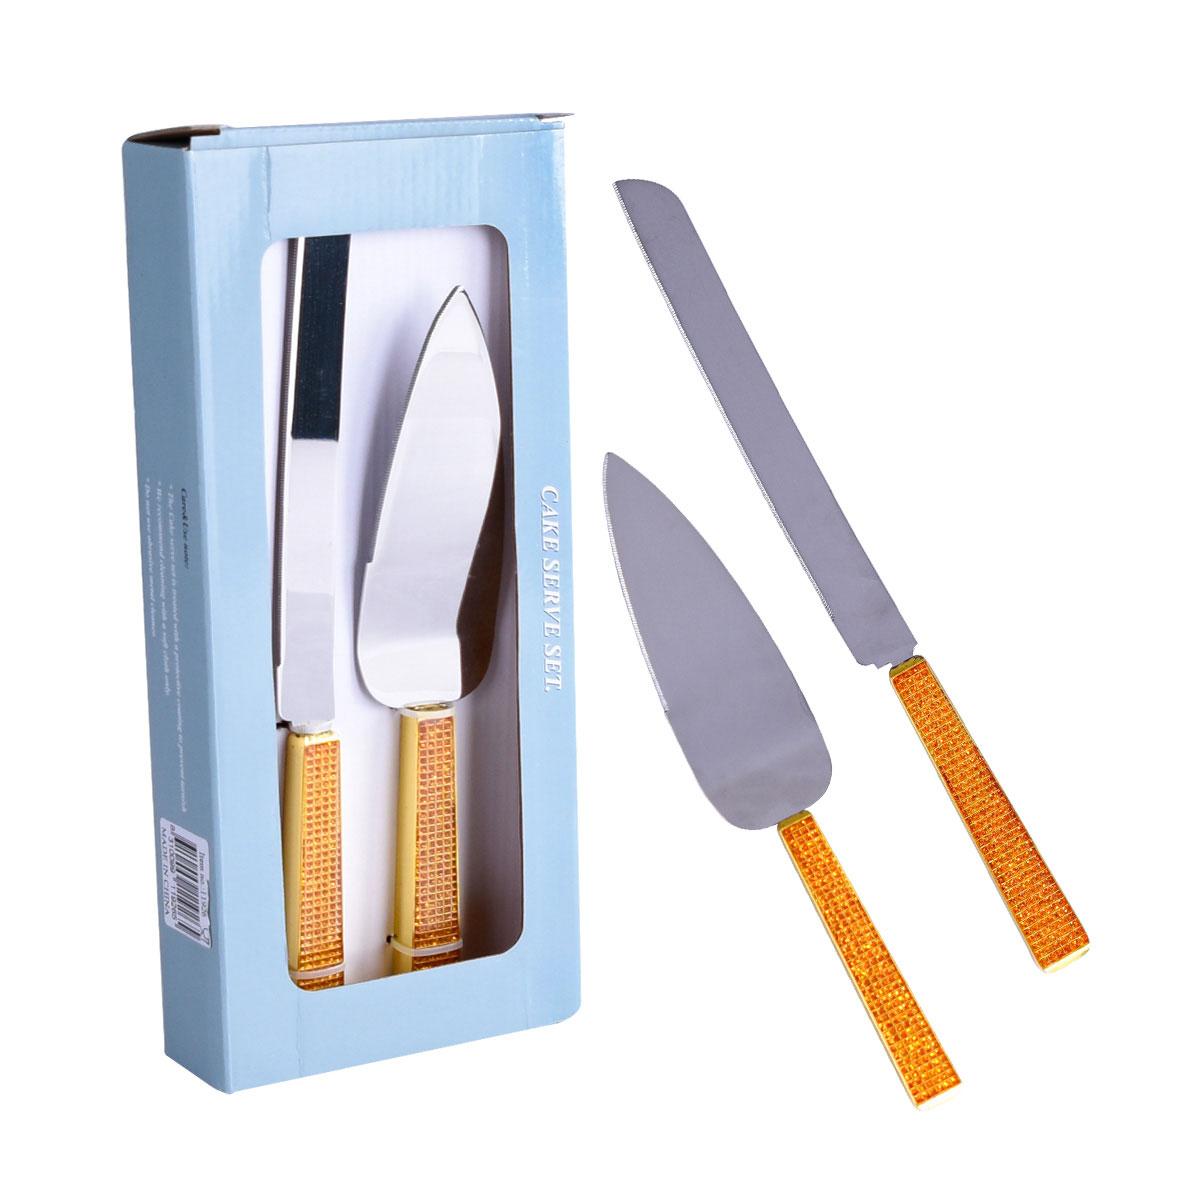 اداة تقطيع الكعك والحلويات سكين + مغرفة تقديم بنقش ذهبي - 11926